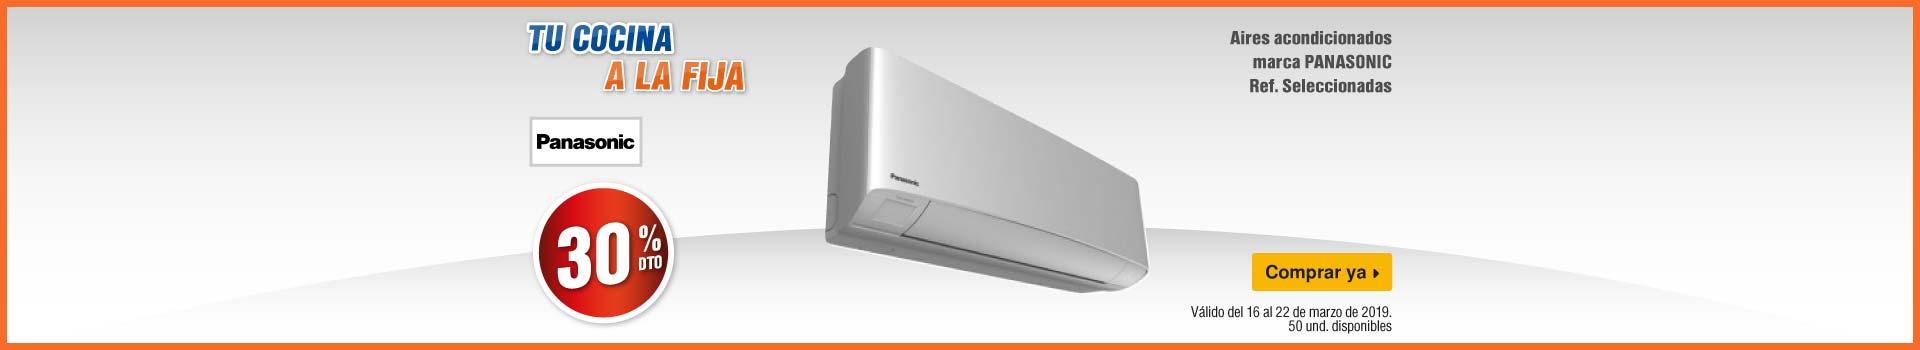 AK-KT-mayores-1-ELECT-BCAT-climatizacion-panasonic-160319